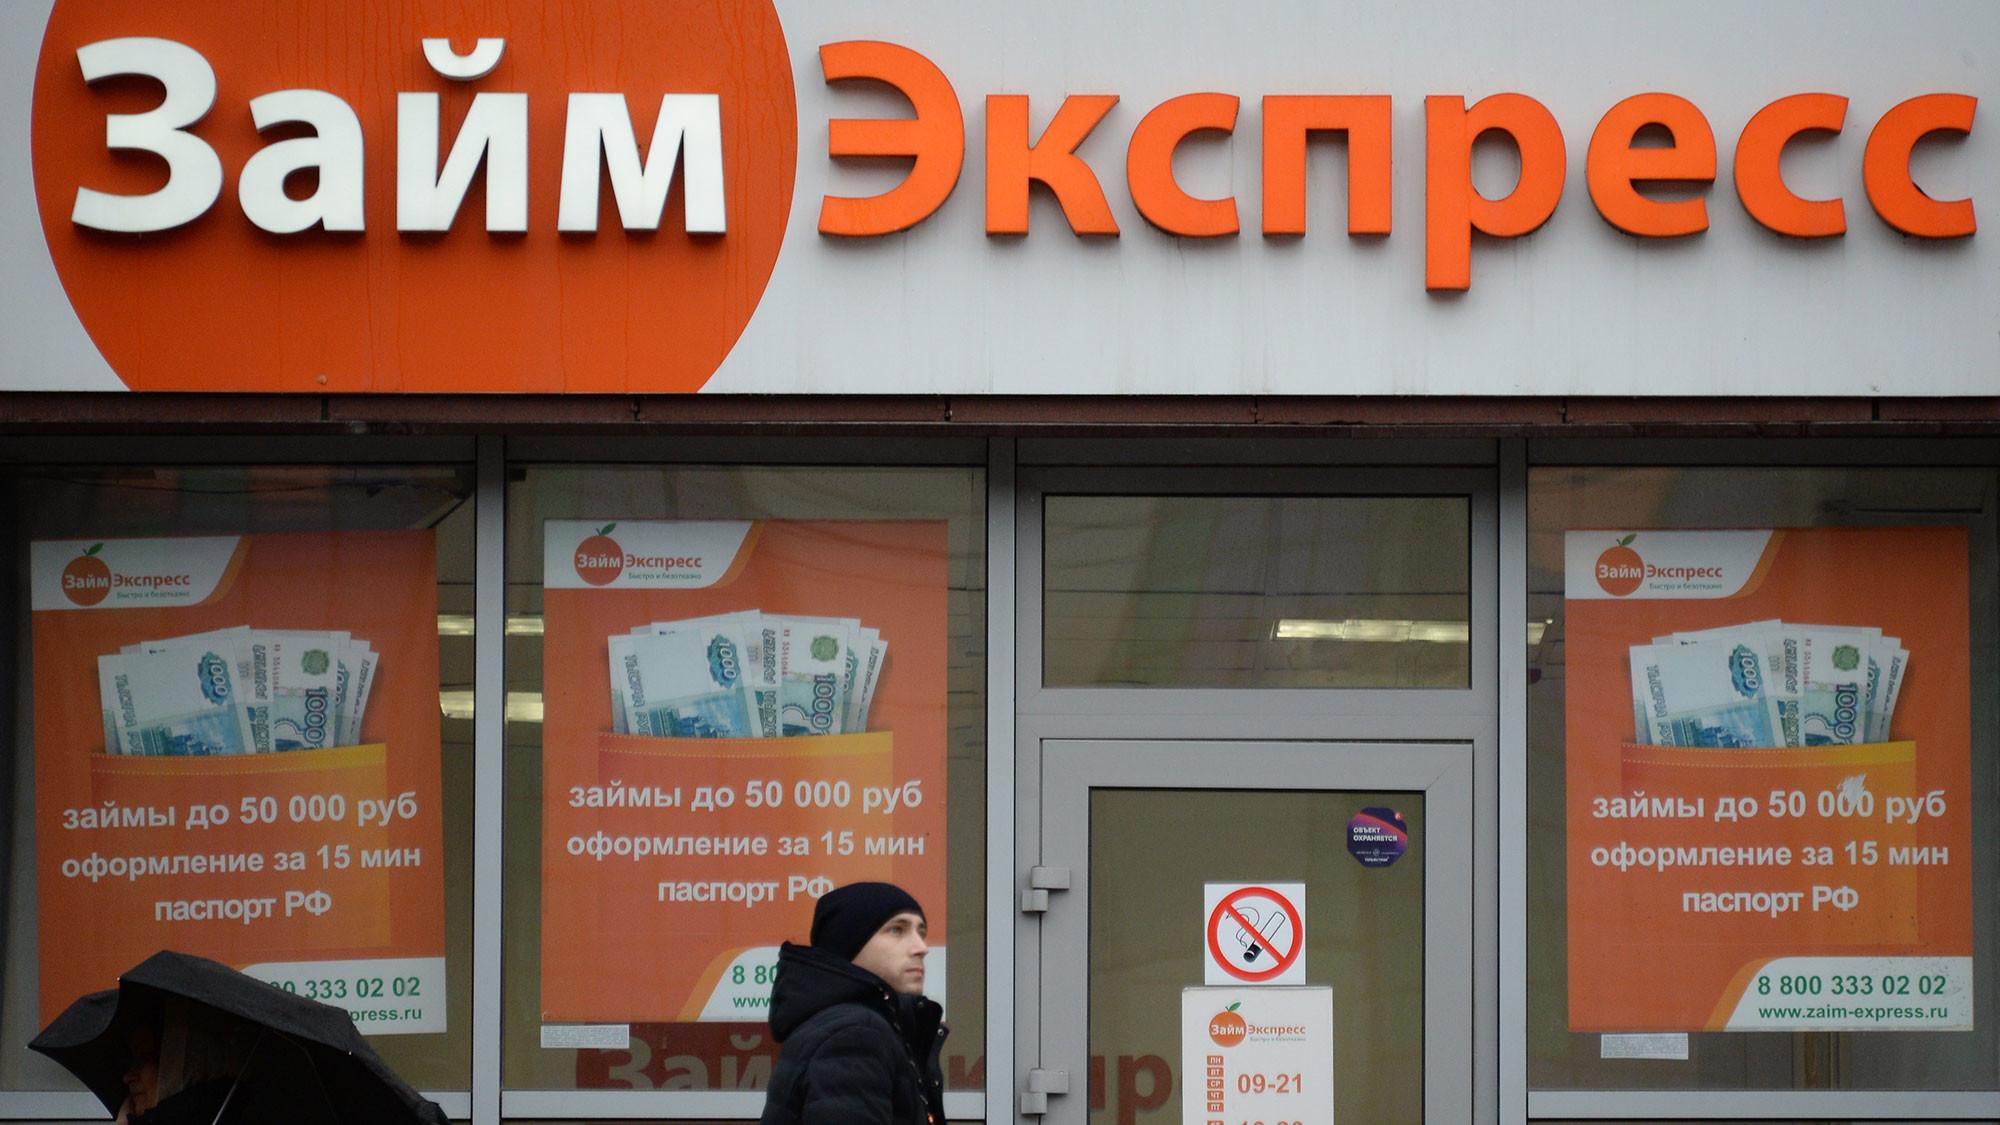 Фото: ©РИА Новости / Максим Блинов